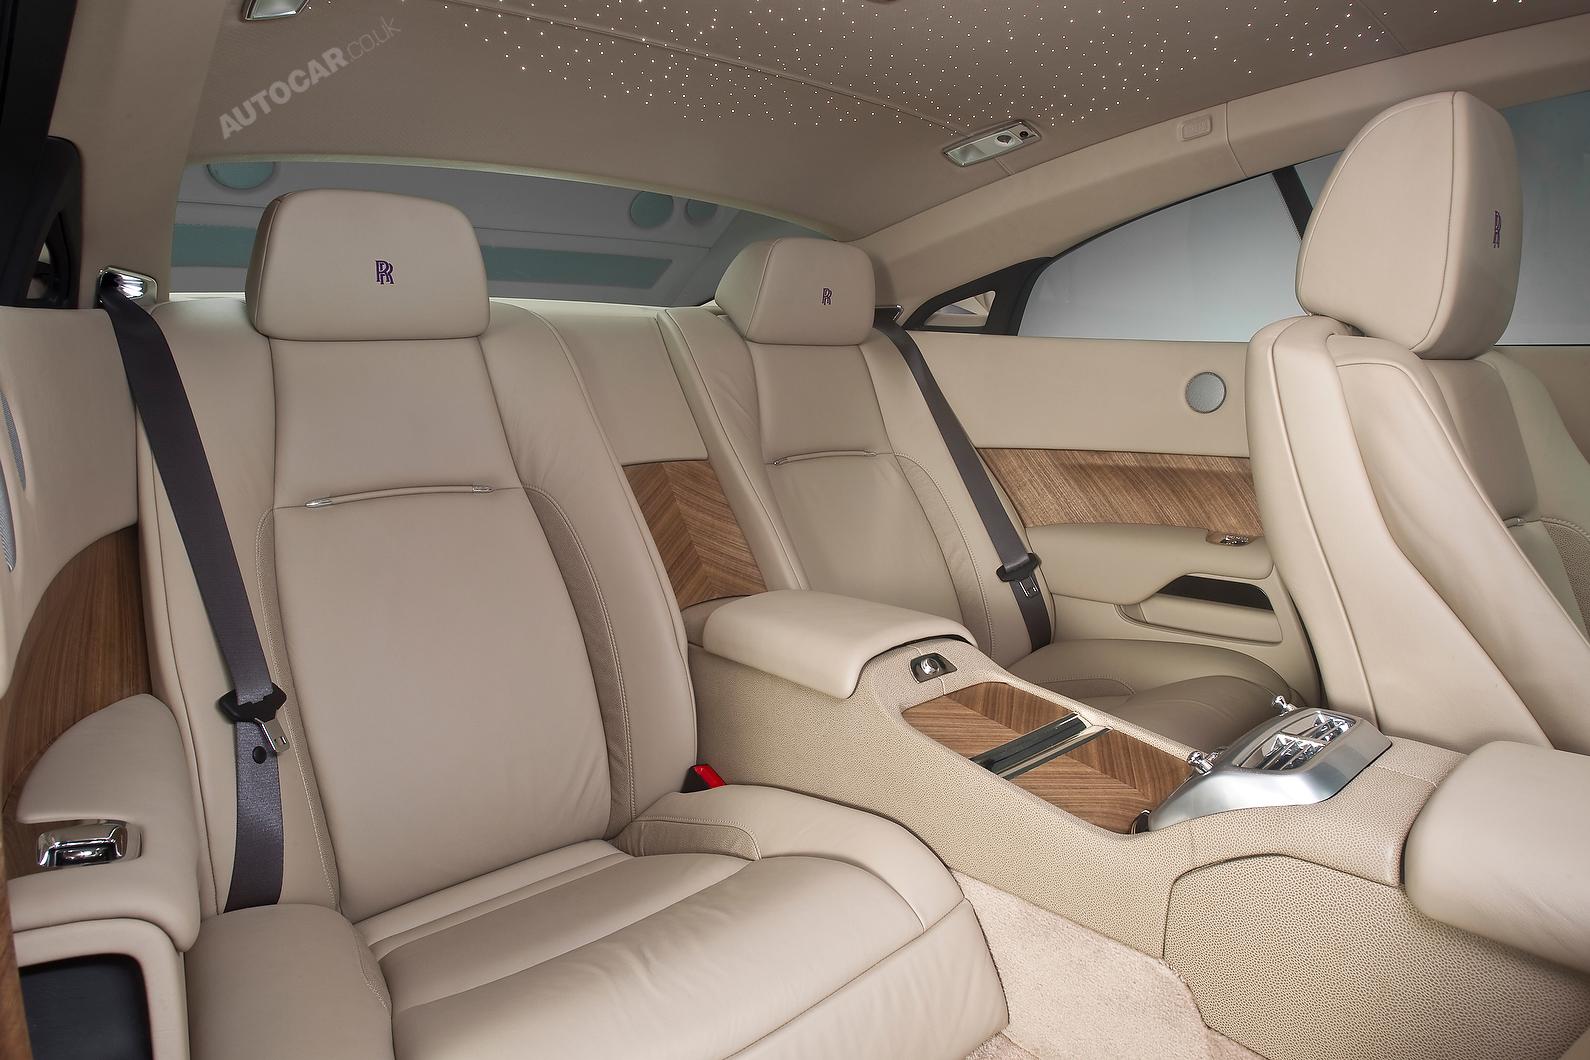 2013 - [Rolls Royce] Wraith - Page 4 Rolls-royce-wraith-22d4ff